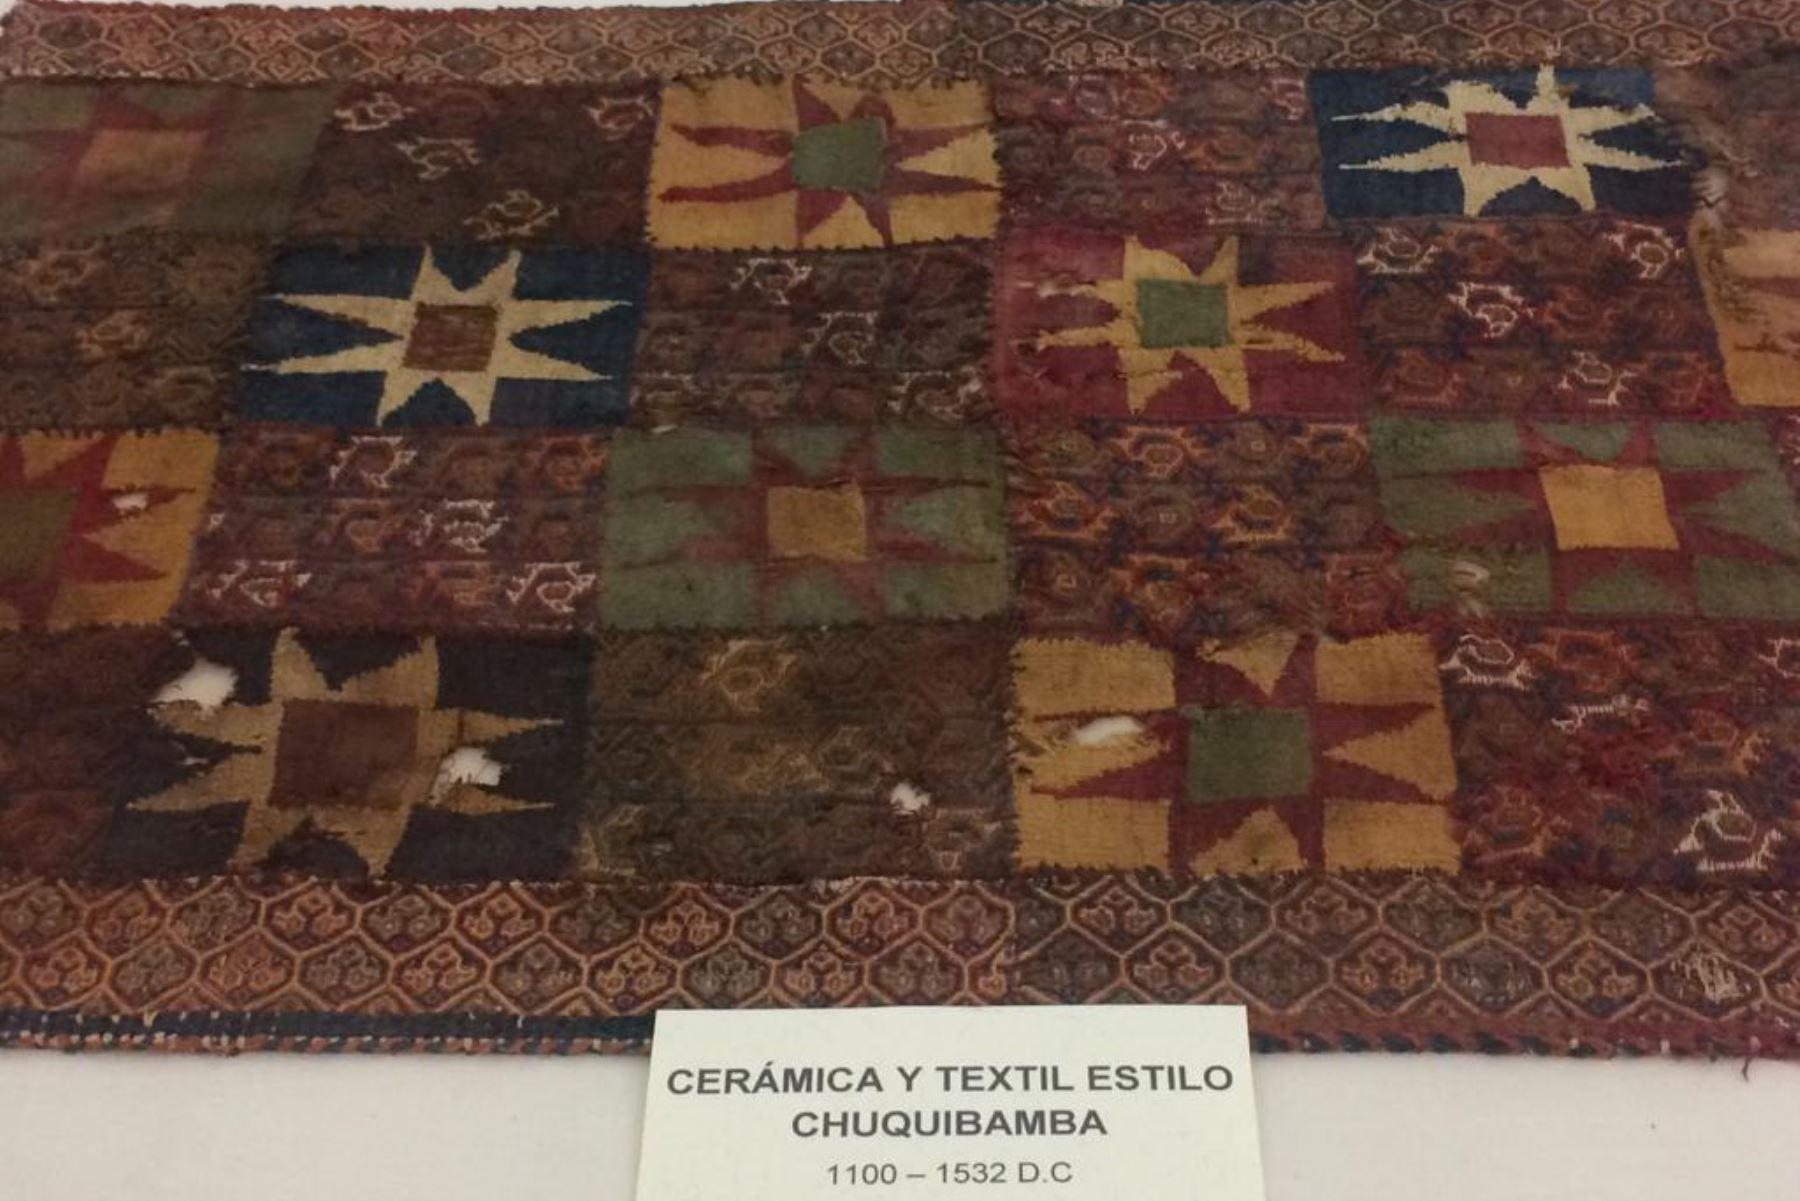 Día Internacional de los Museos: exhiben muestra de tejidos prehispánicos en el Museo de la Universidad Nacional San Agustín de Arequipa.